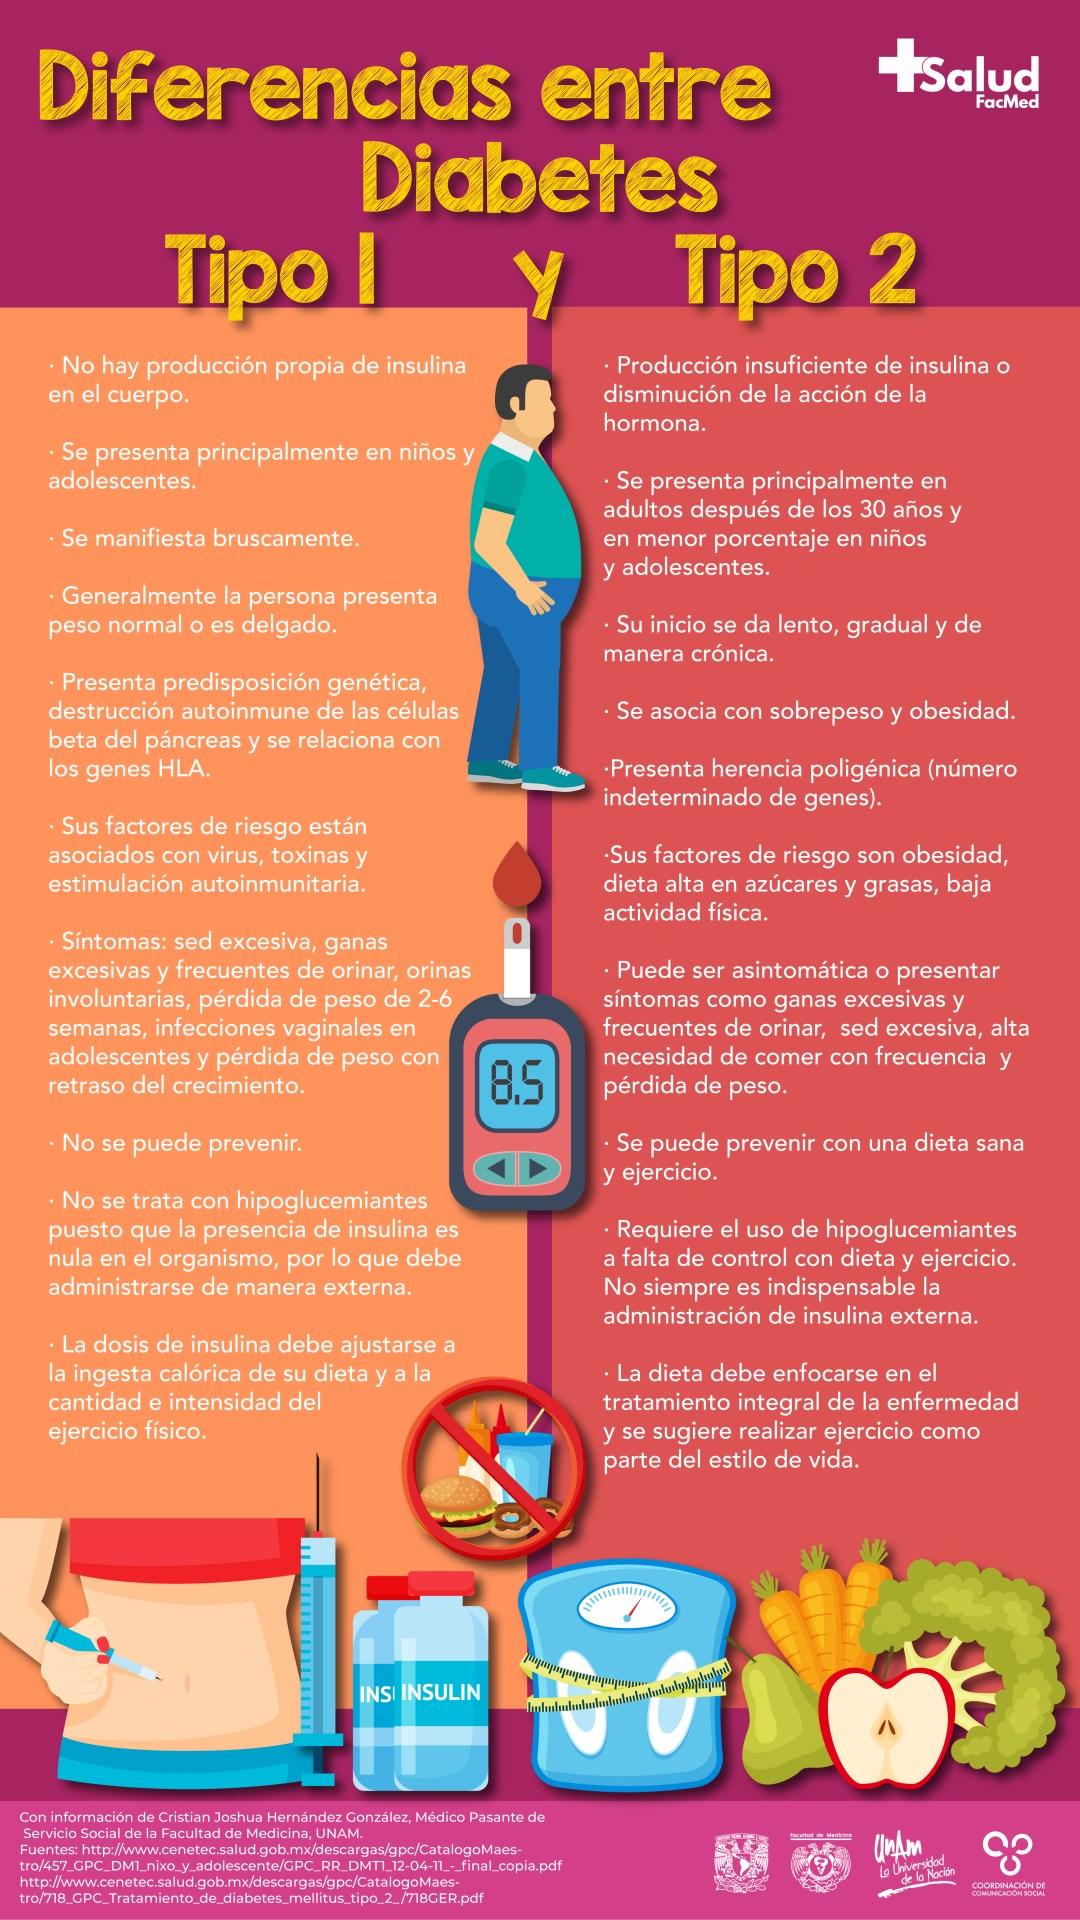 dieta y control de ejercicio diabetes tipo 2